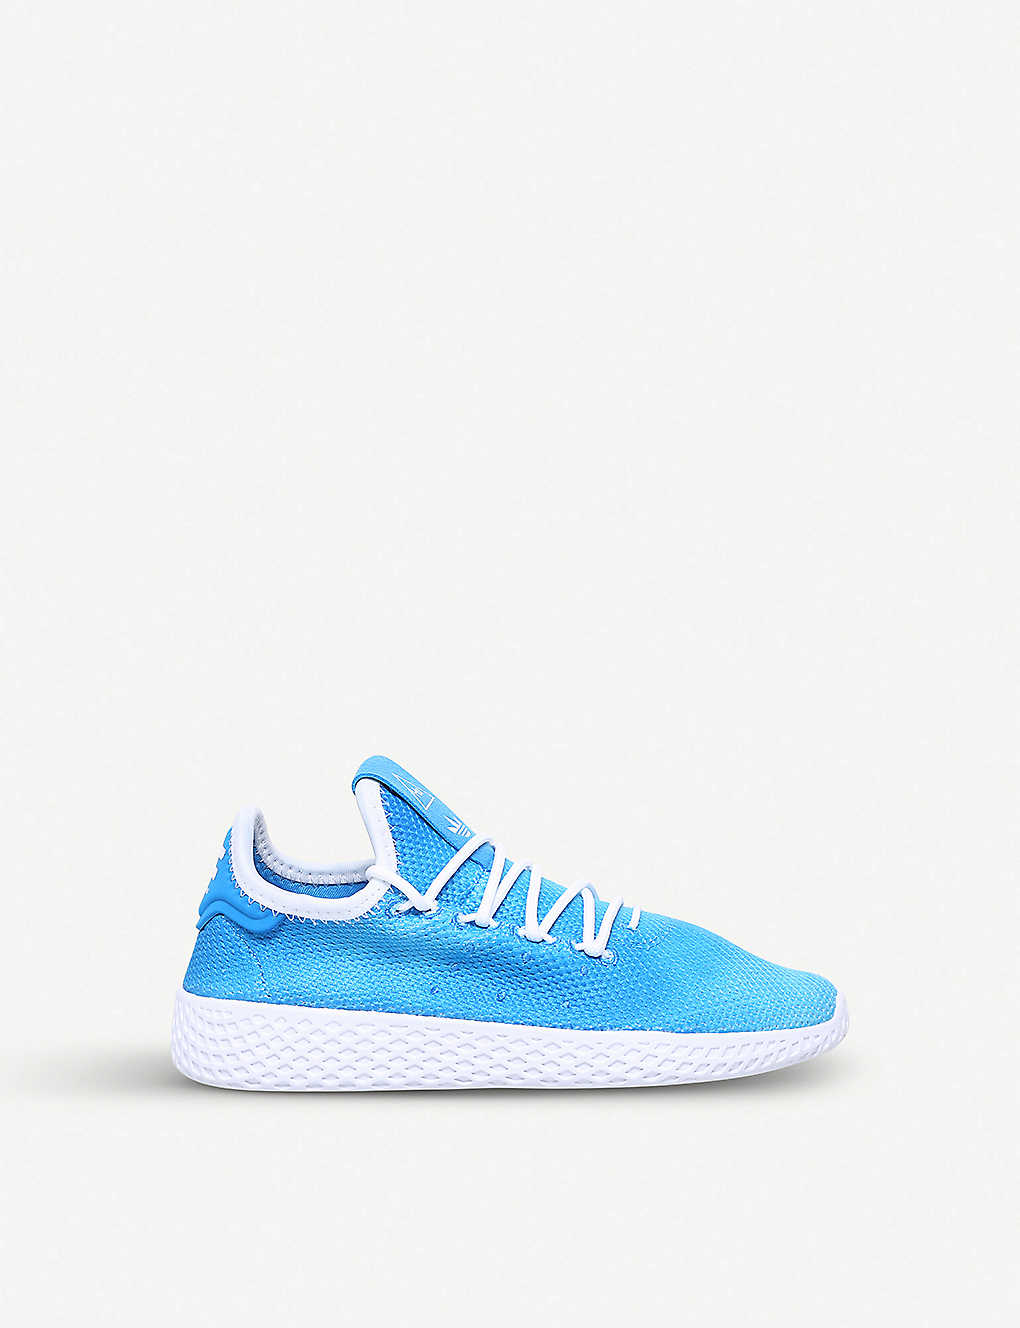 Designer Adidas Originals DamenHerren Seeley Ftwr Weiß